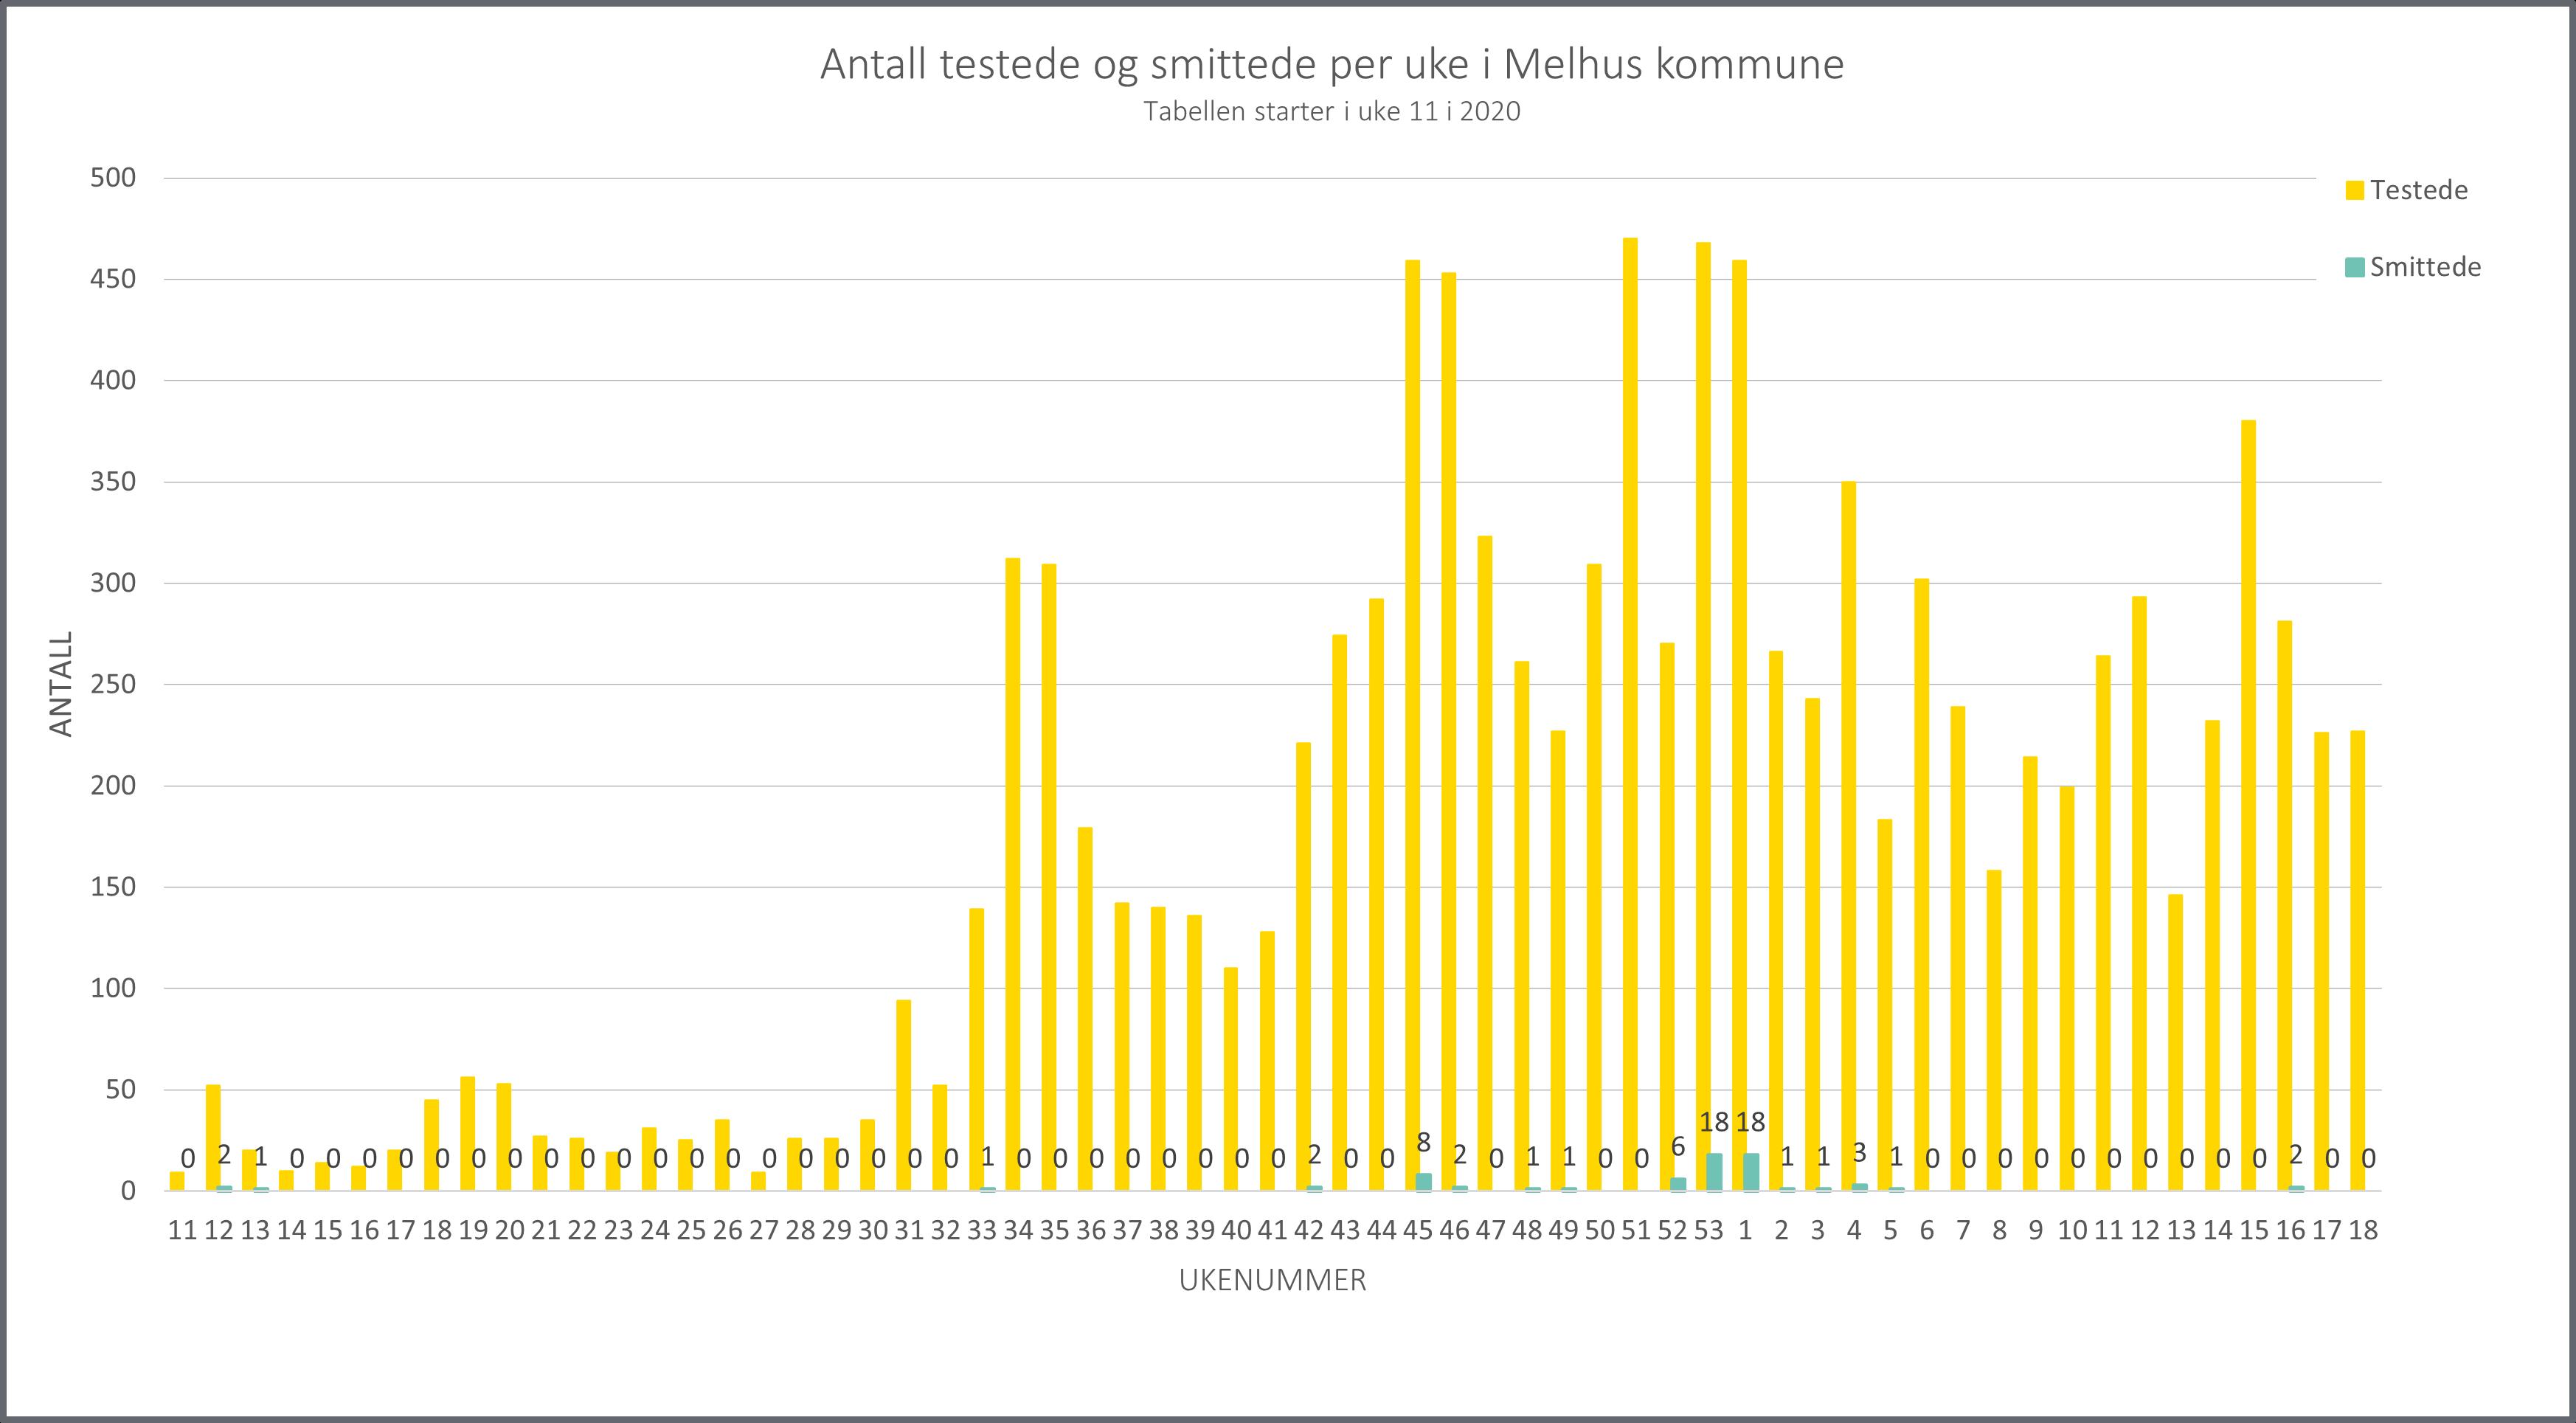 Graf over antall testet og smittet ukesvis per uke 18